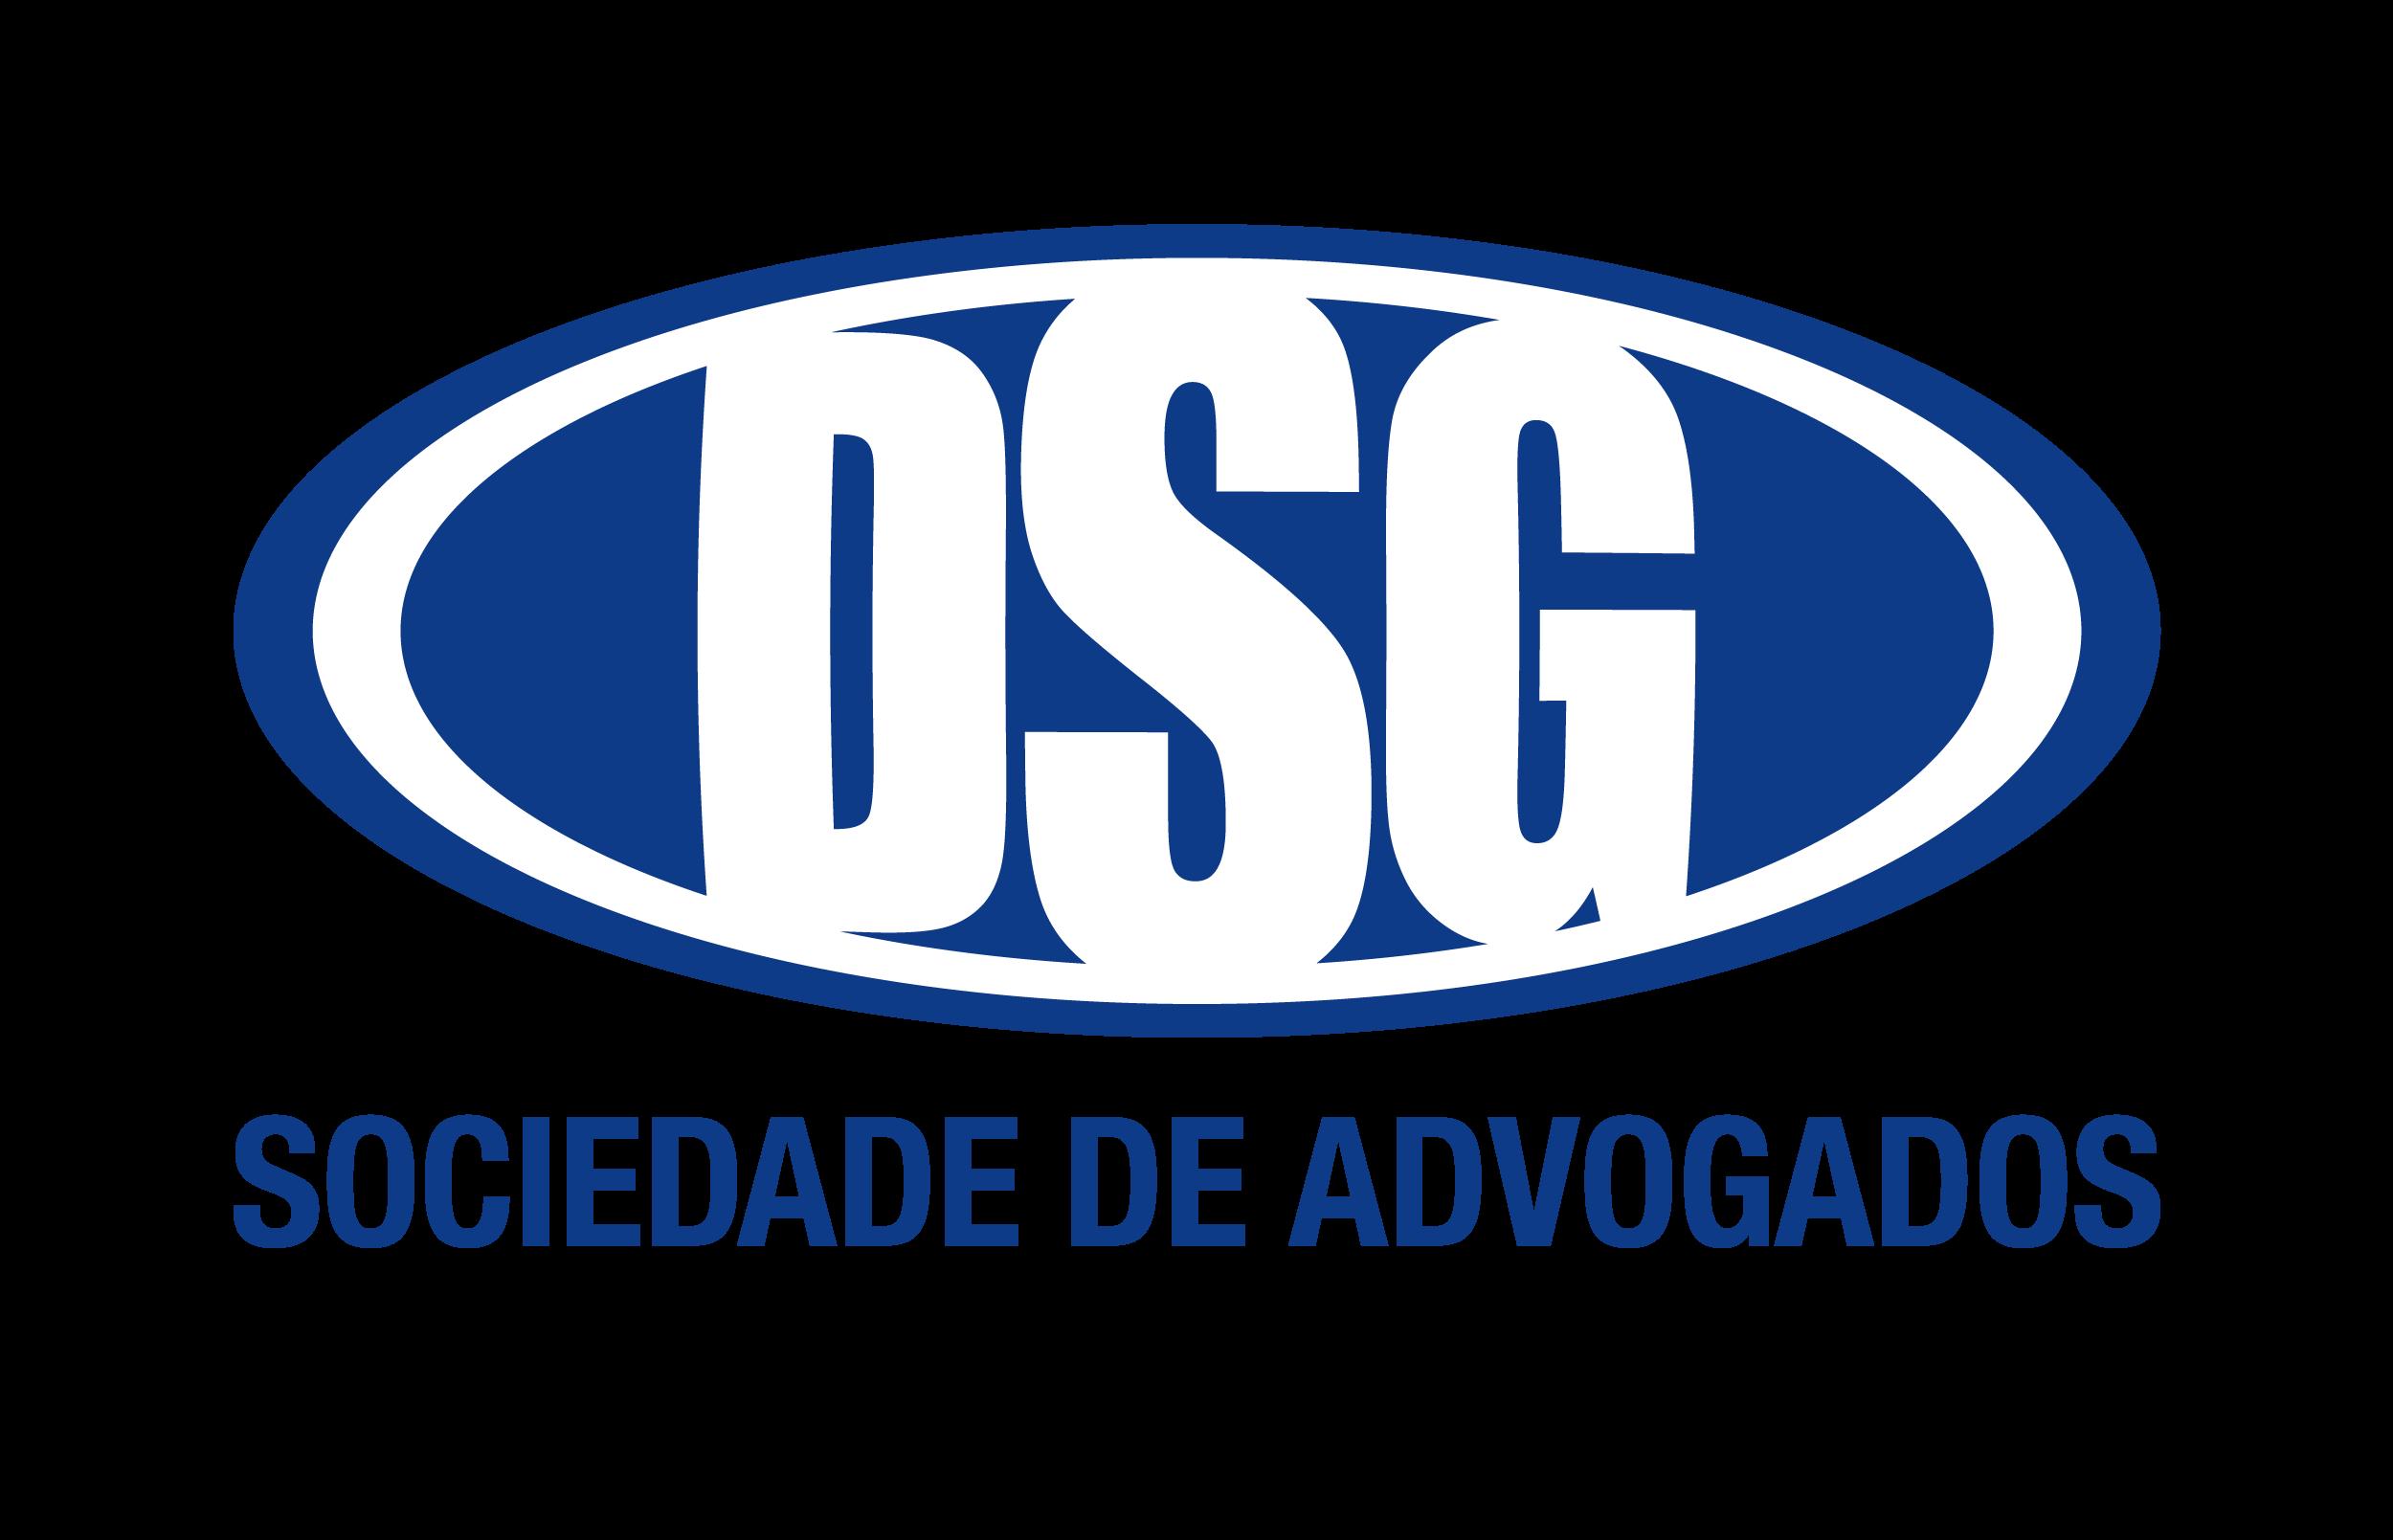 DSG - Sociedade de Advogados